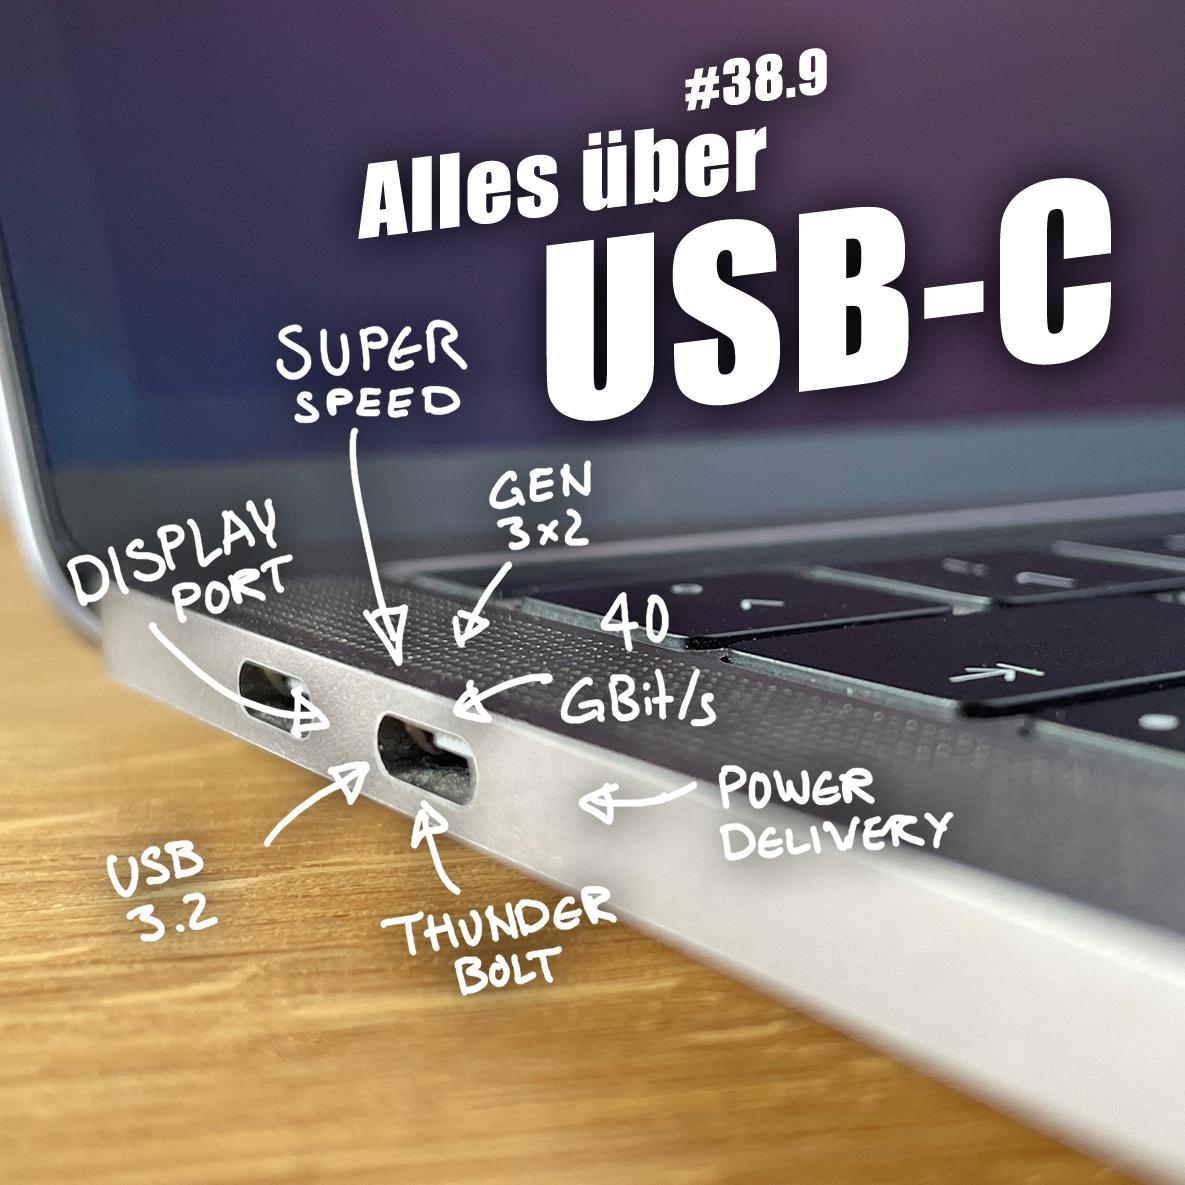 Quantenrechner gefährden Verschlüsselung und Alleskönner USB-C | c't uplink 38.9